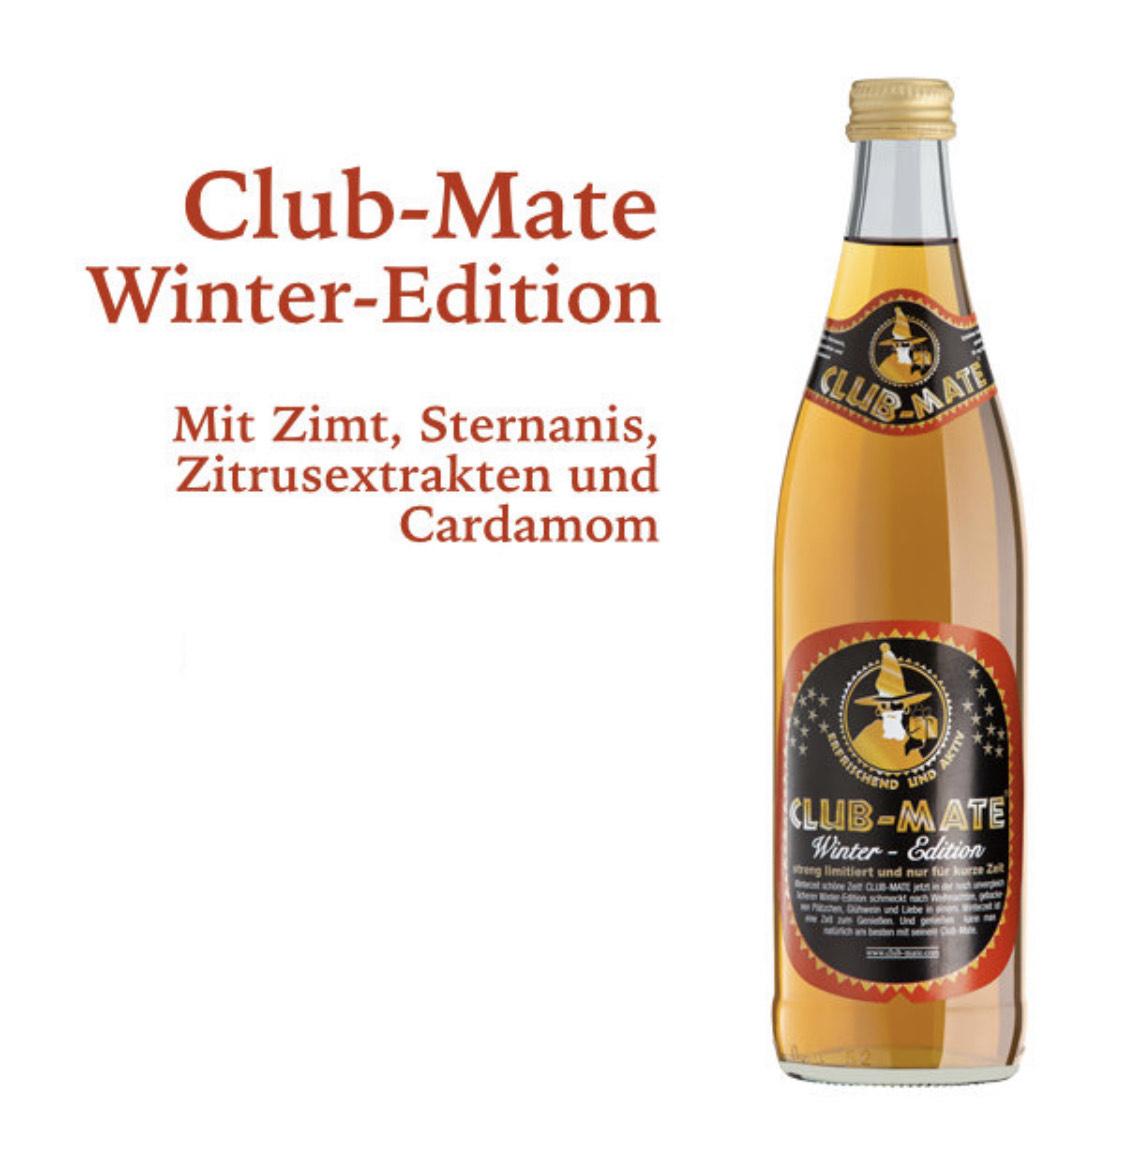 Club Mate Winteredition 10€ pro Kasten Durstexpress Ausverkauf (MBW 25€ Lokal Berlin)